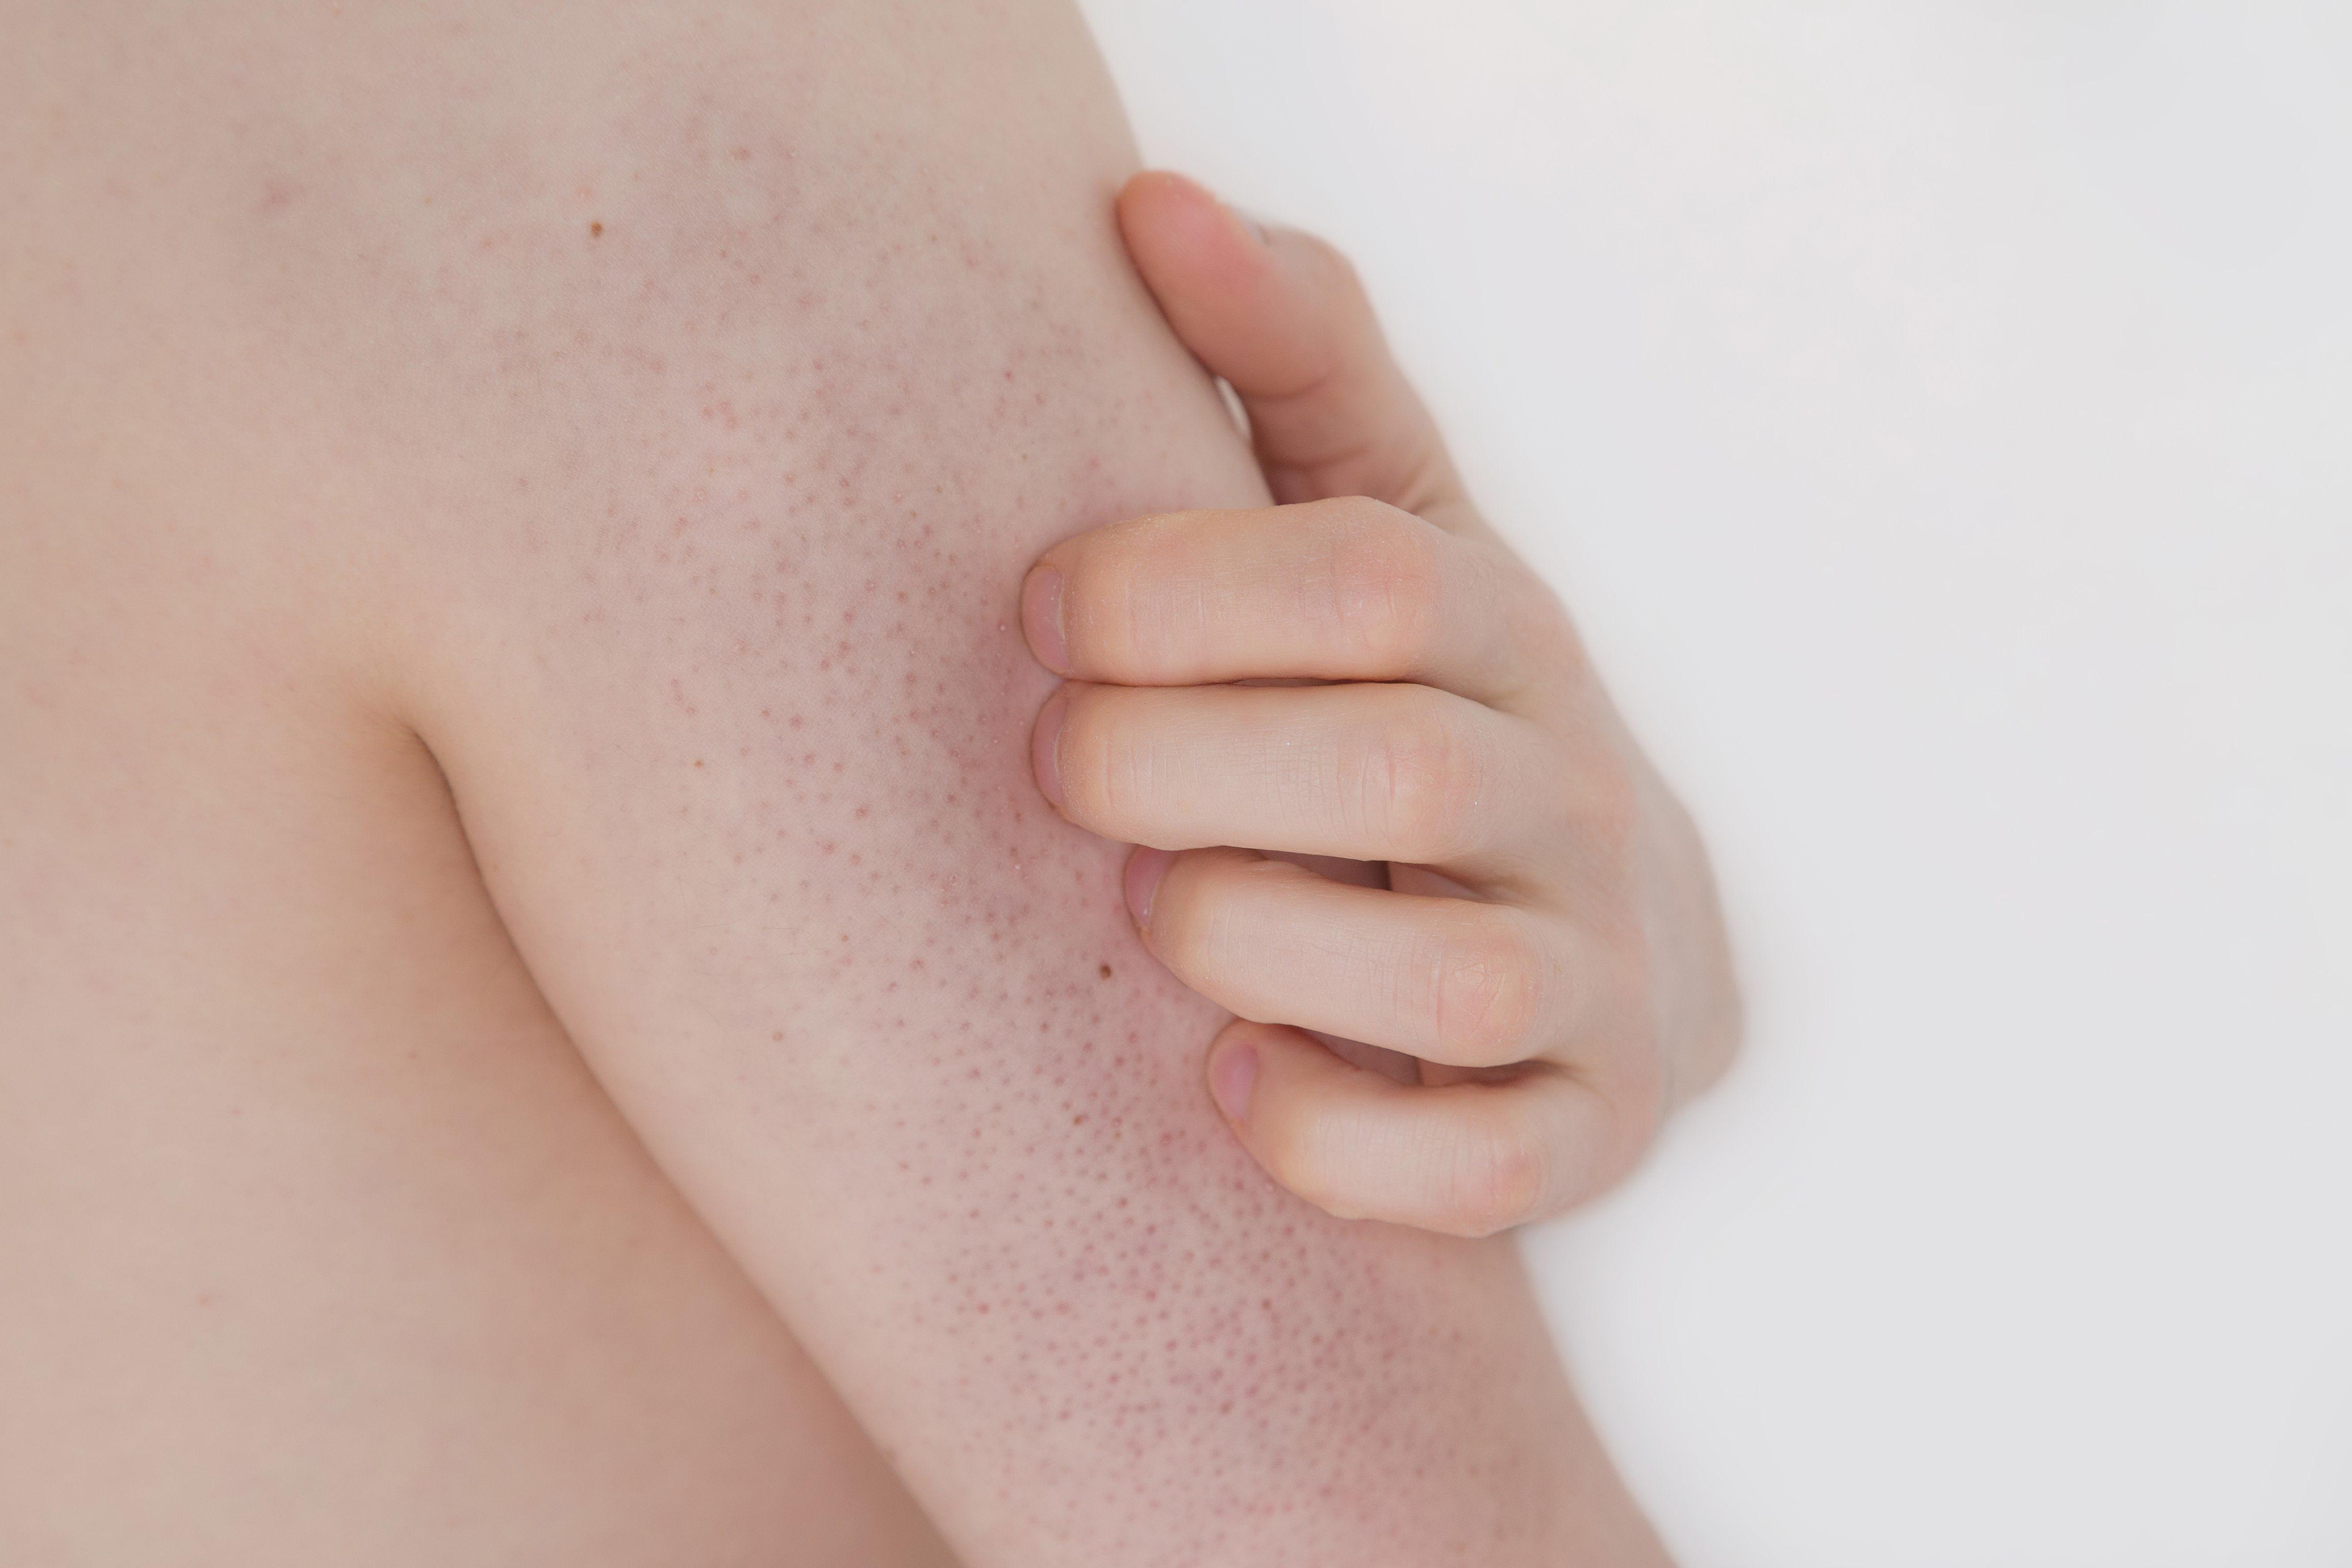 vörös folt a karján apró pattanásokkal